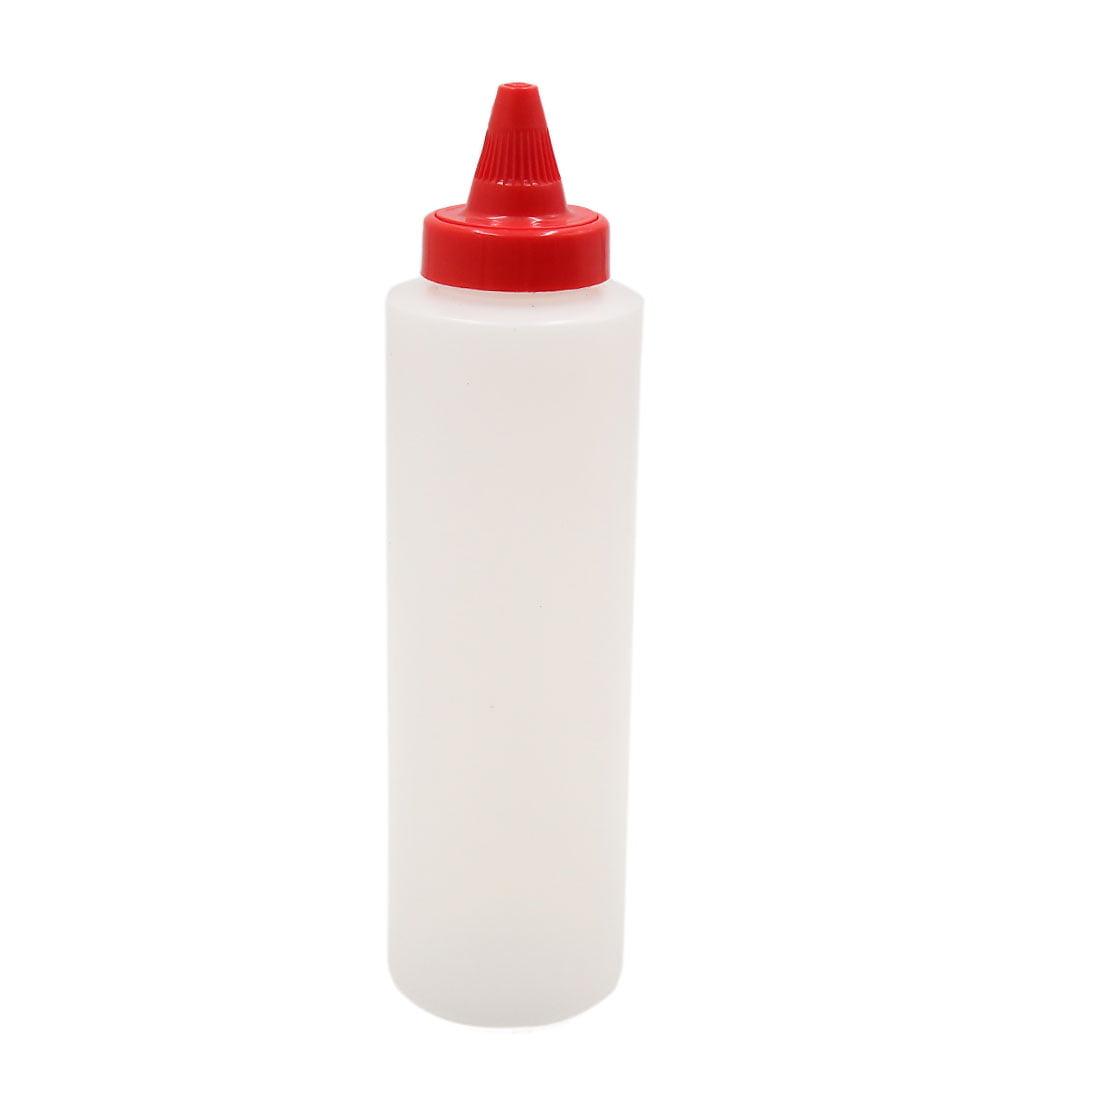 300ML Red Auto Car Vehicle Care Polish Wax Bottle Dispenser Can Pots by Unique Bargains